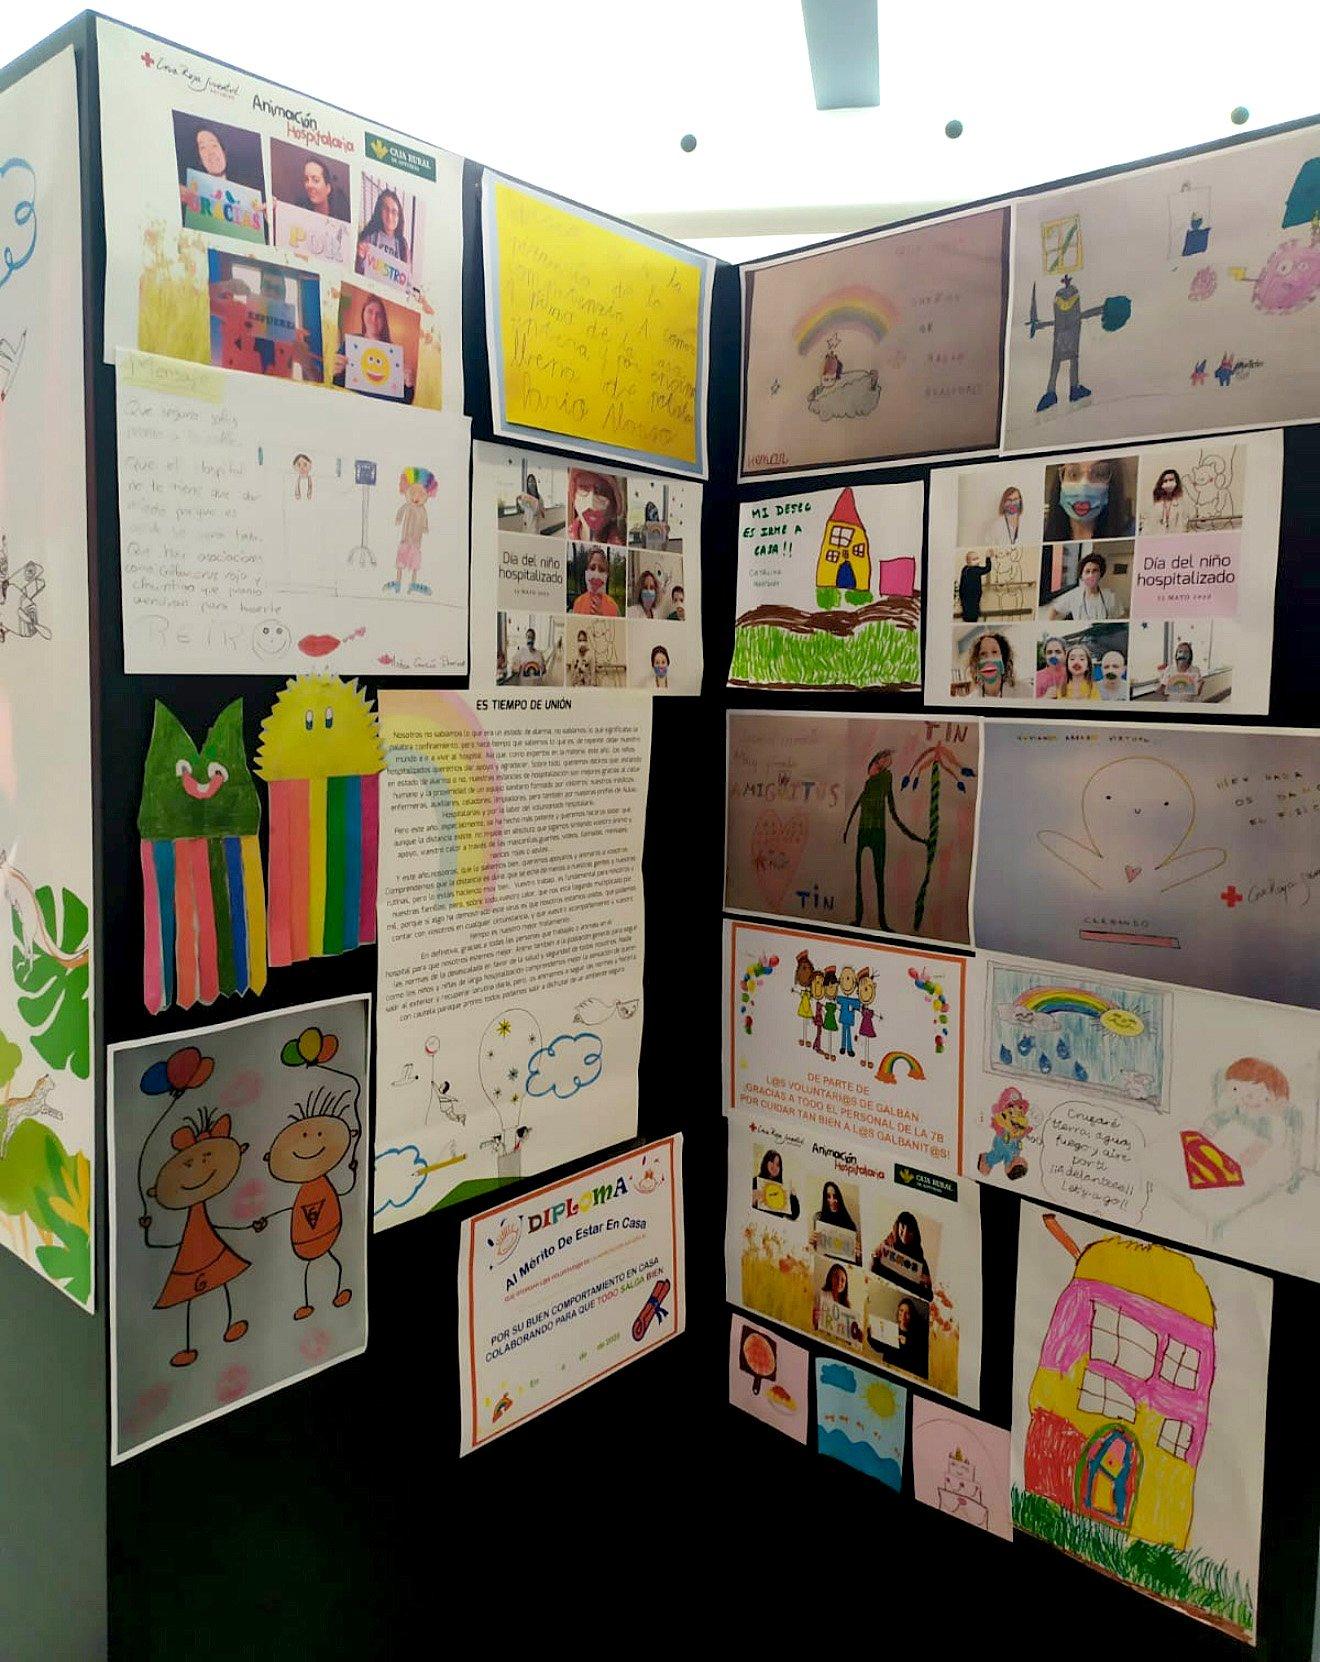 El HUCA celebra el Día del Niño Hospitalizado con una muestra que recoge un centenar de trabajos realizados durante el confinamiento